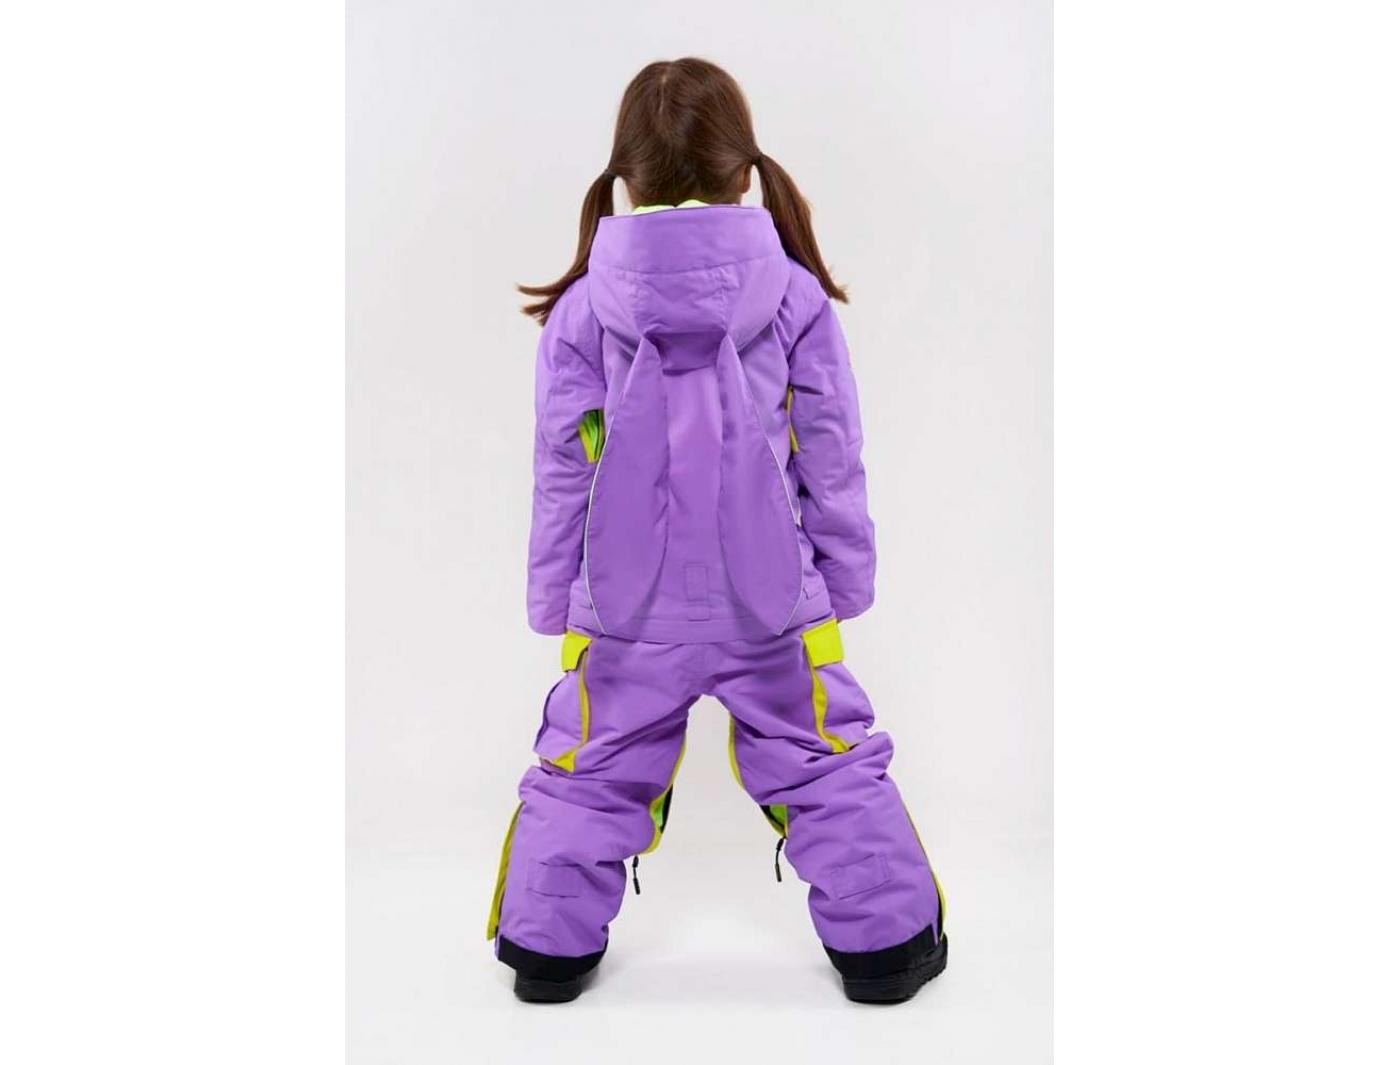 Комбинезон FUN KIDS 3115/30 Фиолетовый-салатовый (2020)